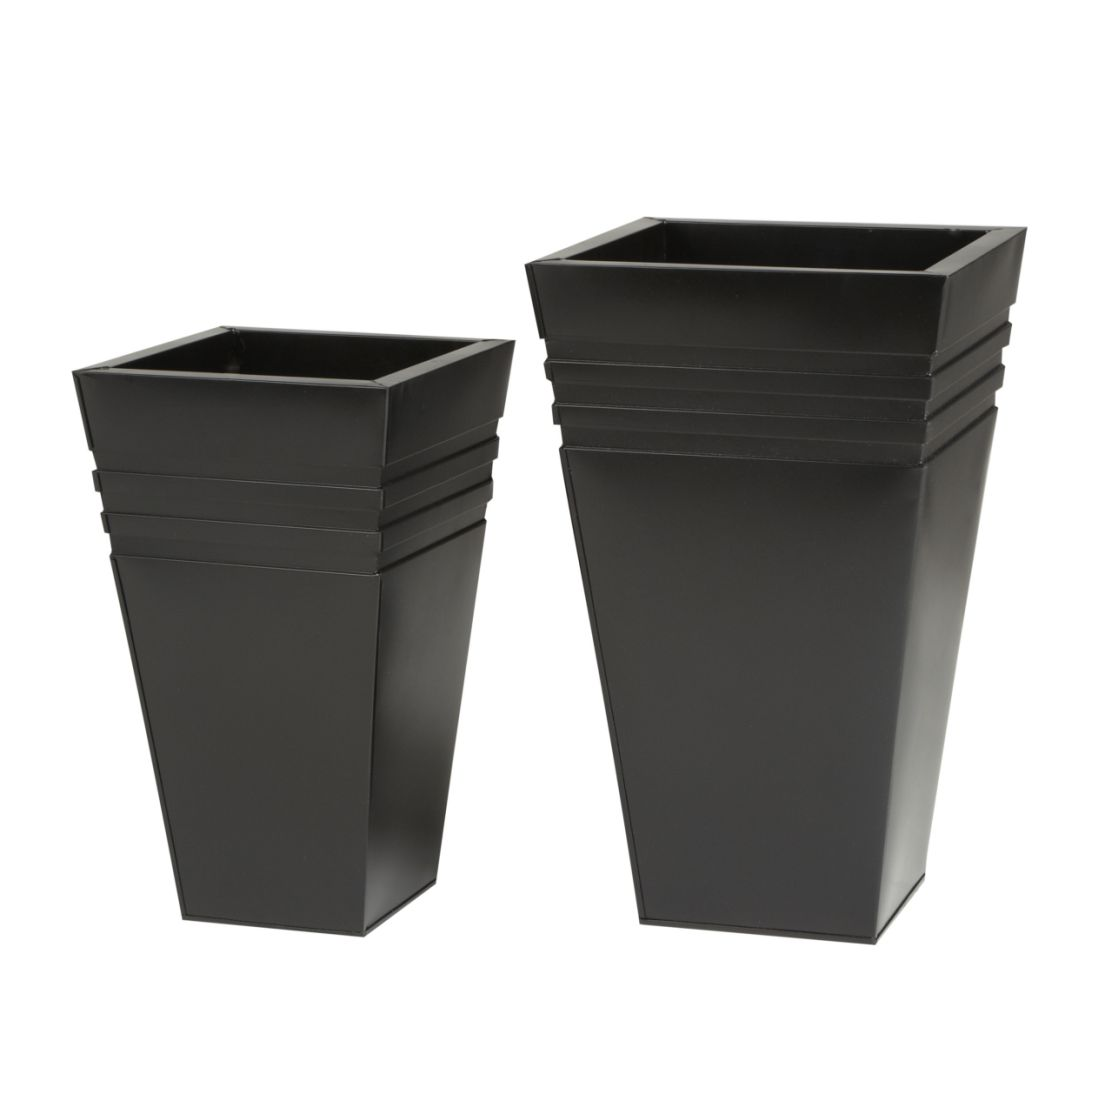 Pflanzkübel (2-teilig) – Verzinkt – Schwarz, Gartenfreude jetzt bestellen